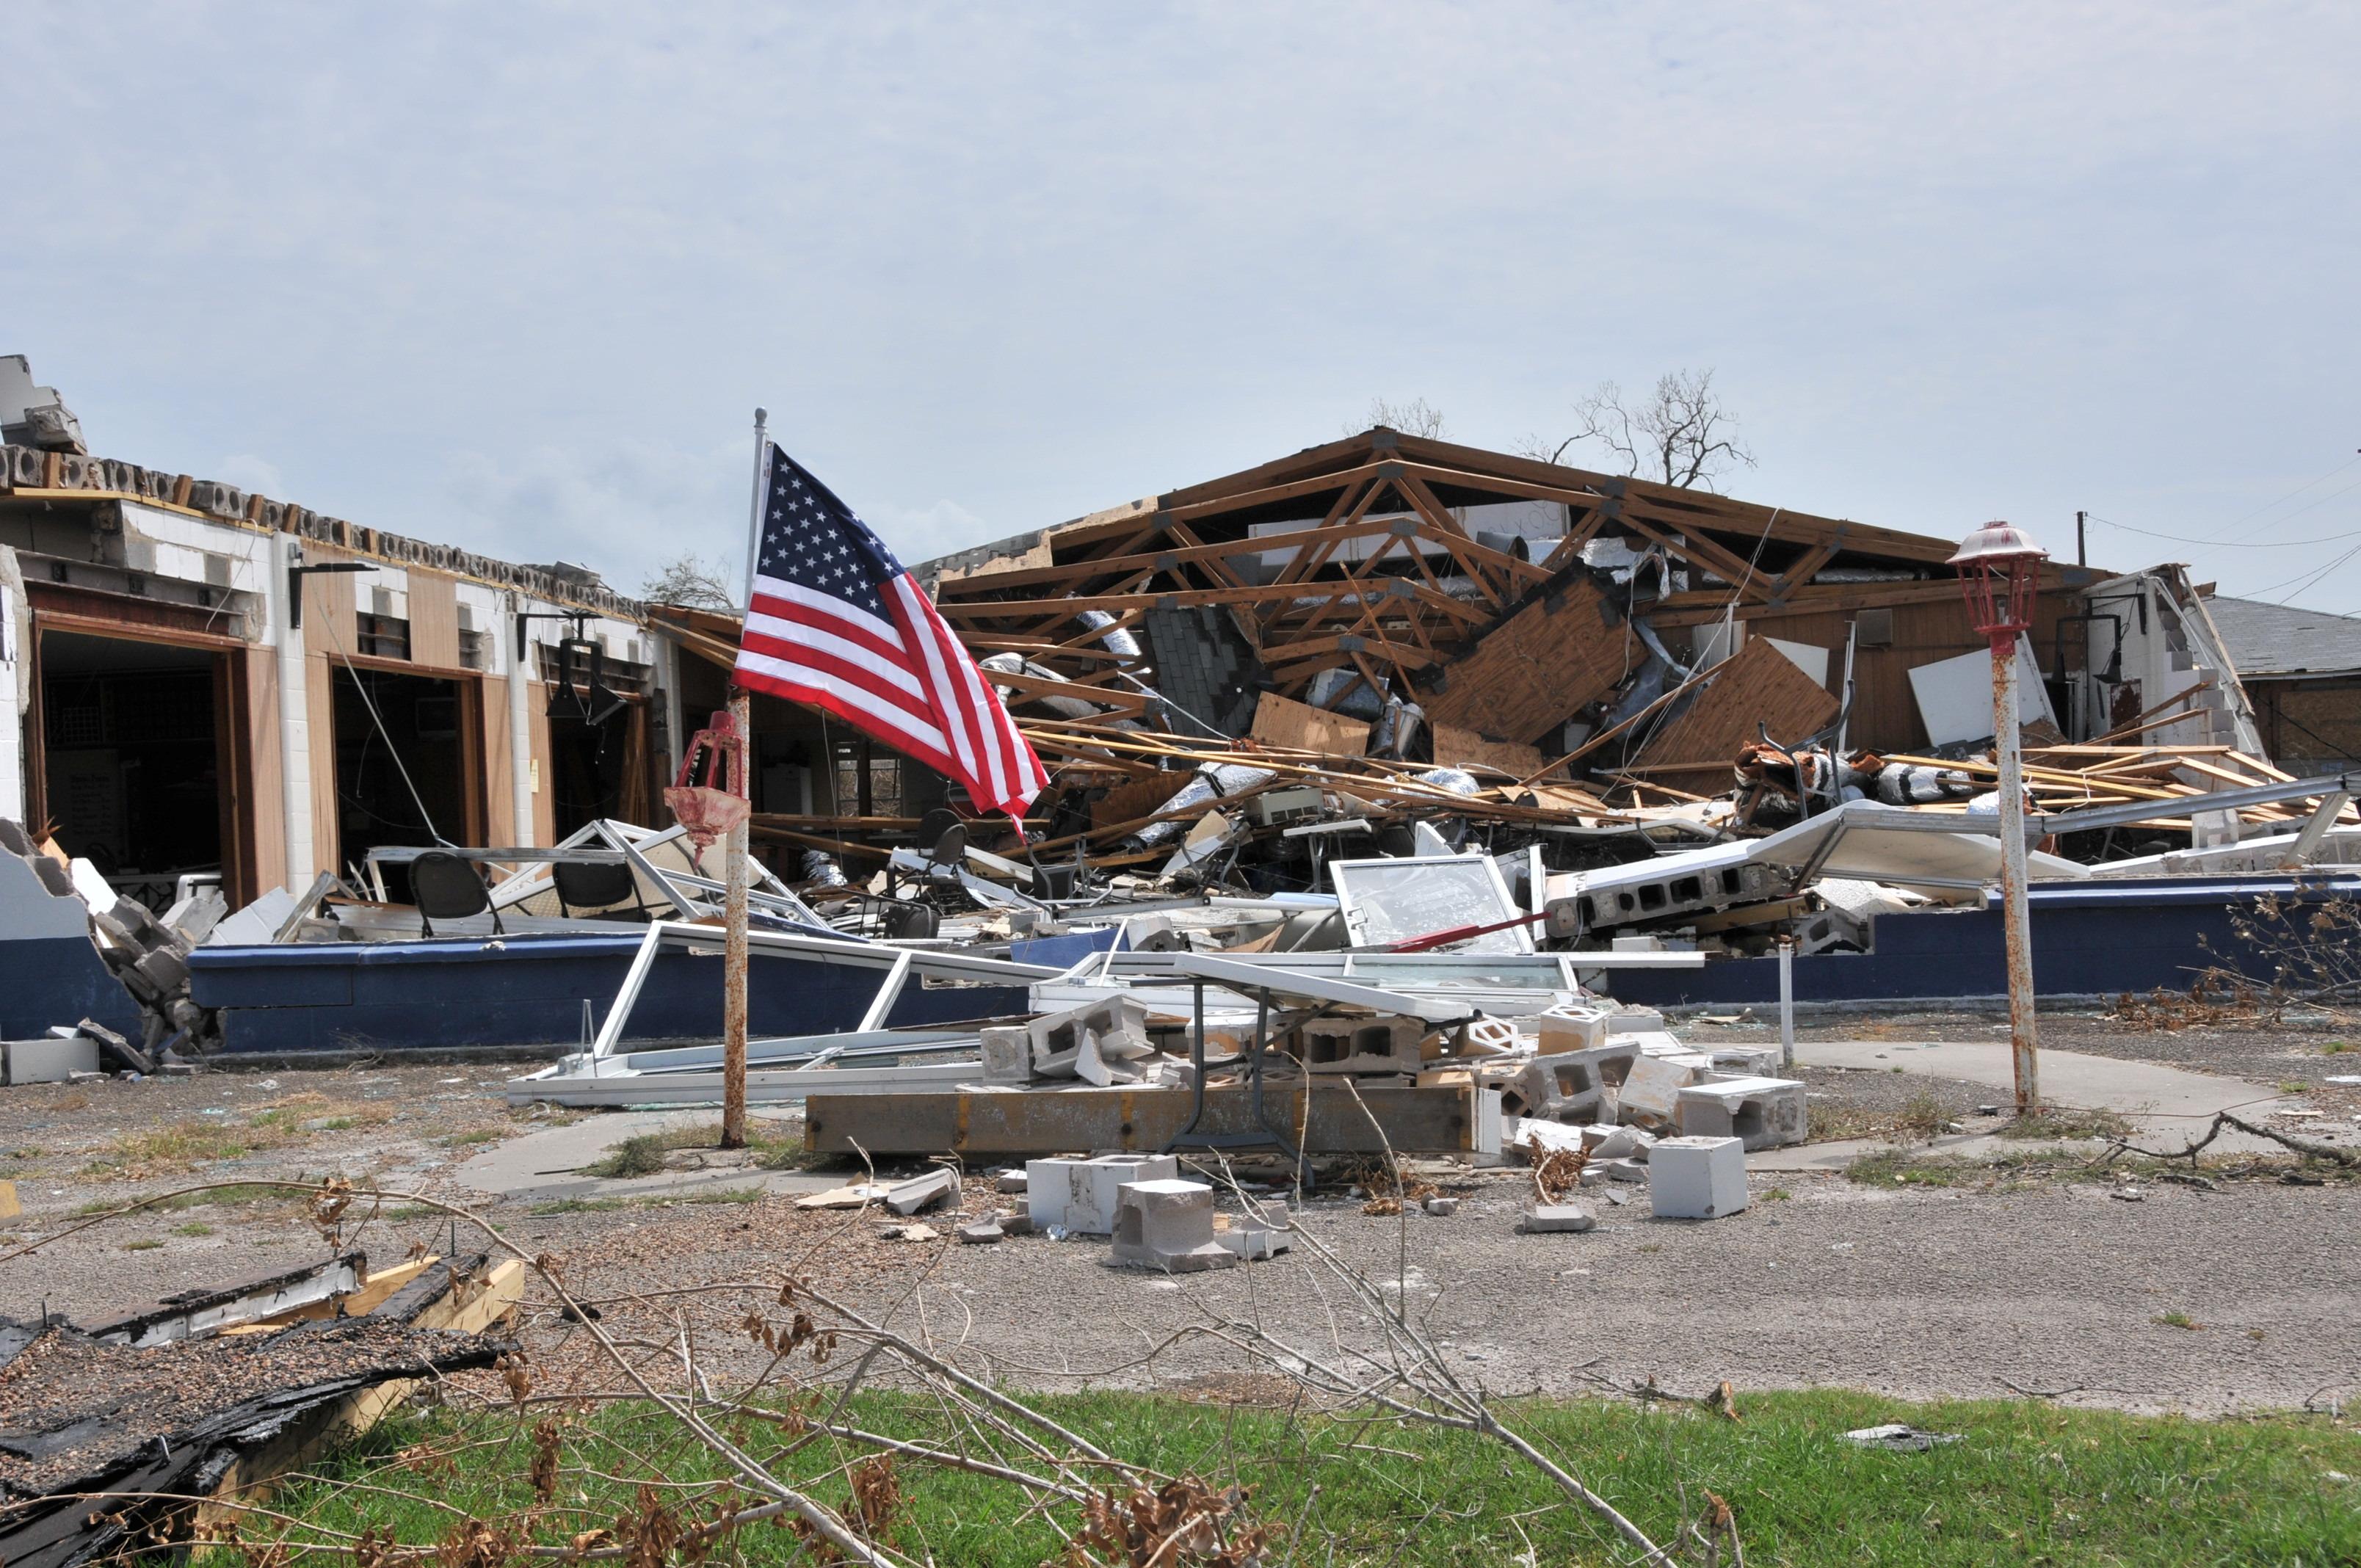 (170905) -- TEXAS, septiembre 5, 2017 (Xinhua) -- Imagen del 3 de septiembre de 2017 de casas dañadas tras el paso del huracán Harvey, en Rockport, Texas, Estados Unidos. Harvey tocó tierra el 25 de agosto como el huracán más poderoso que ha golpeado Texas en más de 50 años. (Xinhua/Liu Liwei) (vf)